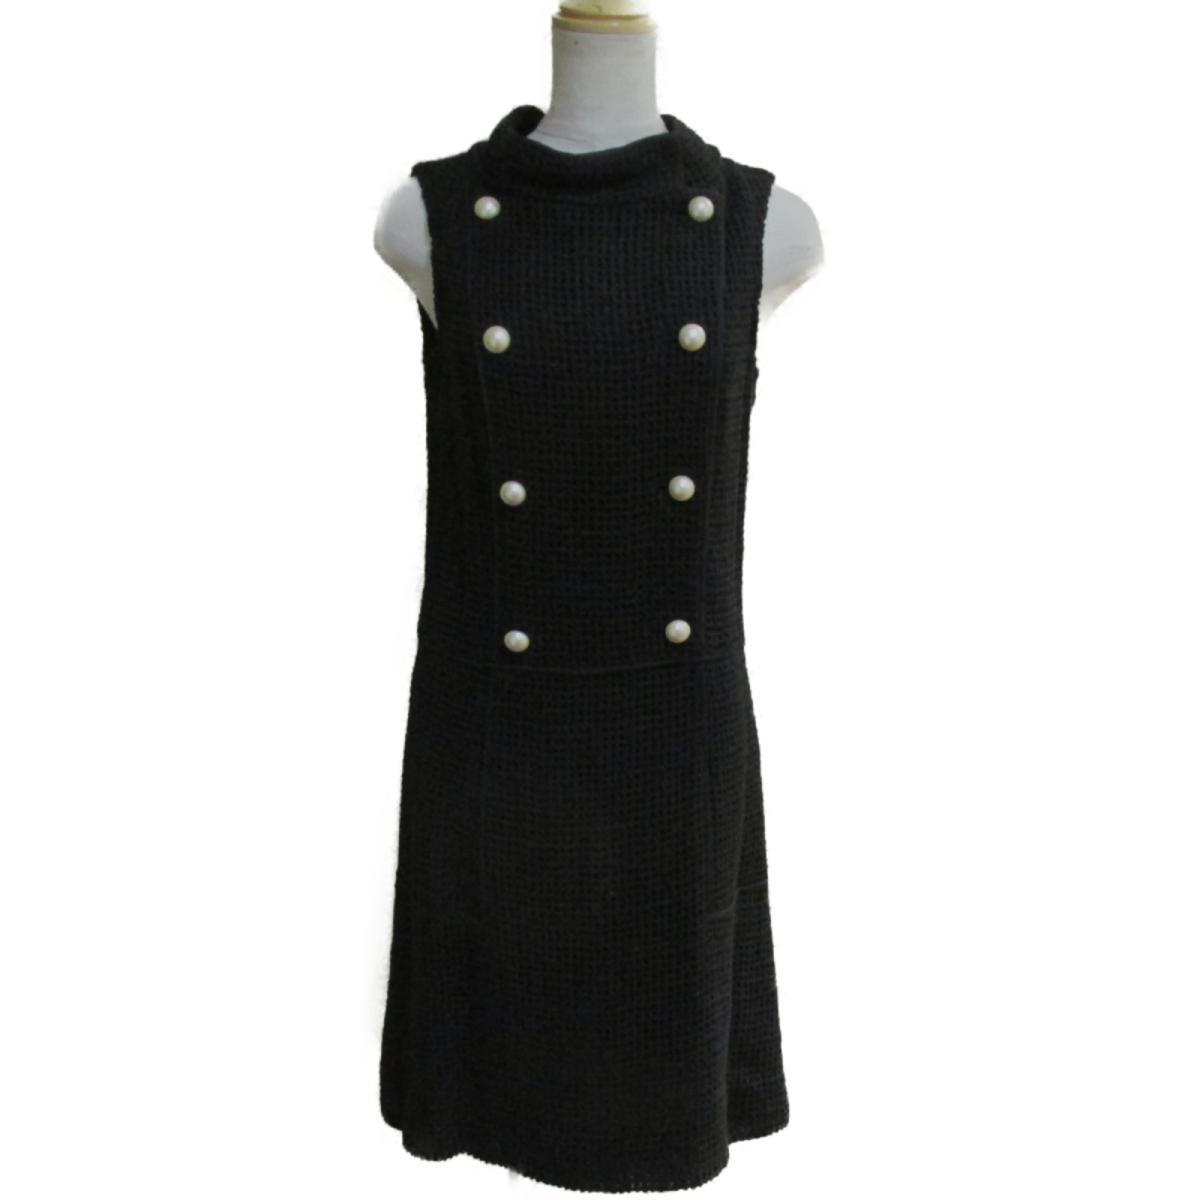 【中古】 シャネル ワンピース レディース シルク100% ブラック (P46193V33717)   CHANEL BRANDOFF ブランドオフ 衣料品 衣類 ブランド